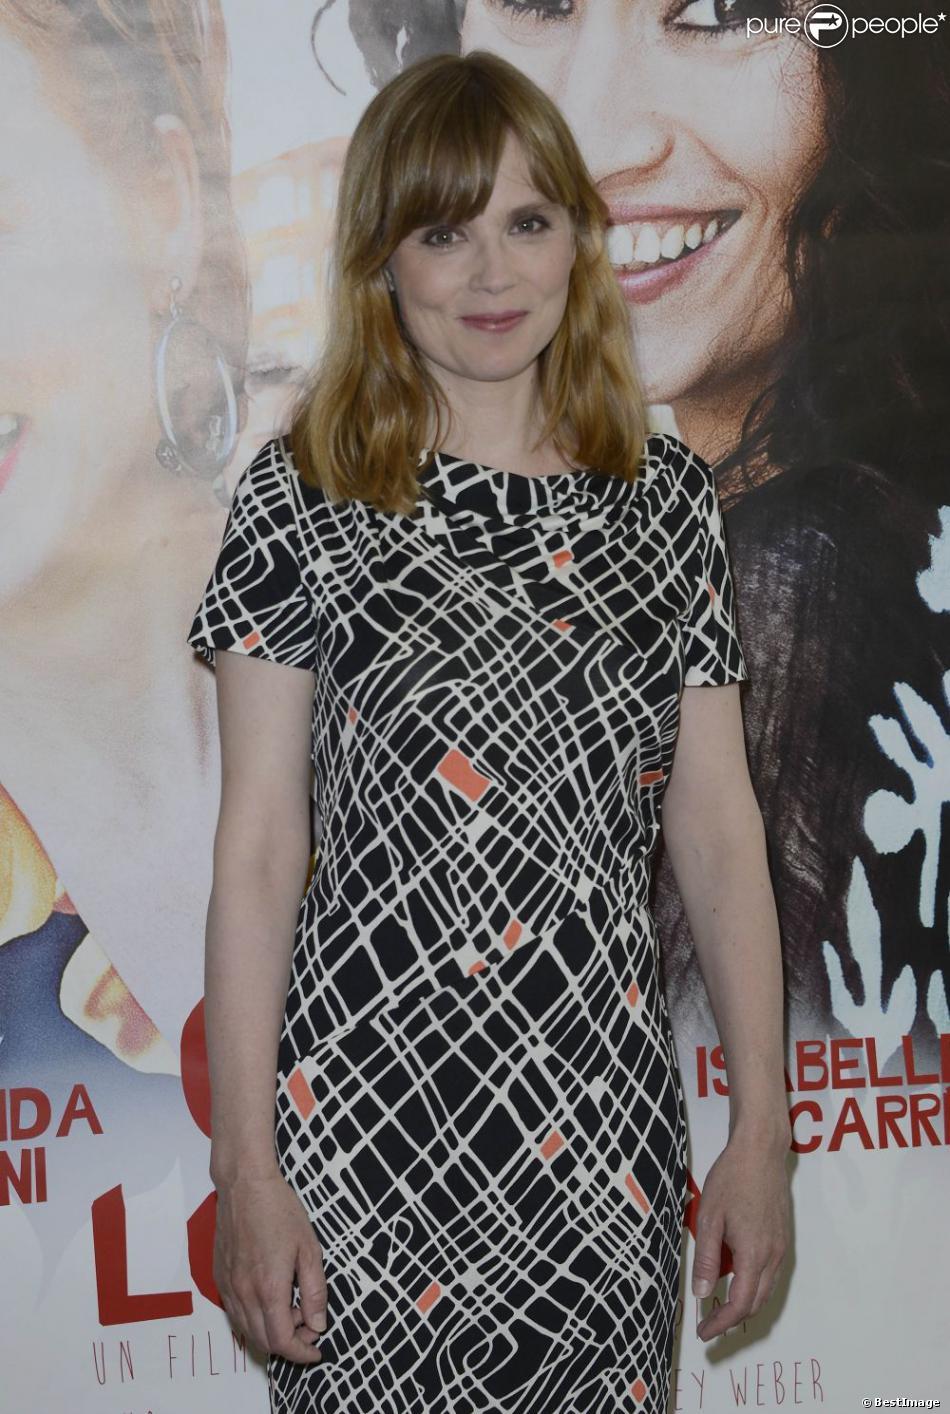 Isabelle Carré lors de l'avant-première du film Cheba Louisa le 6 mai 2013